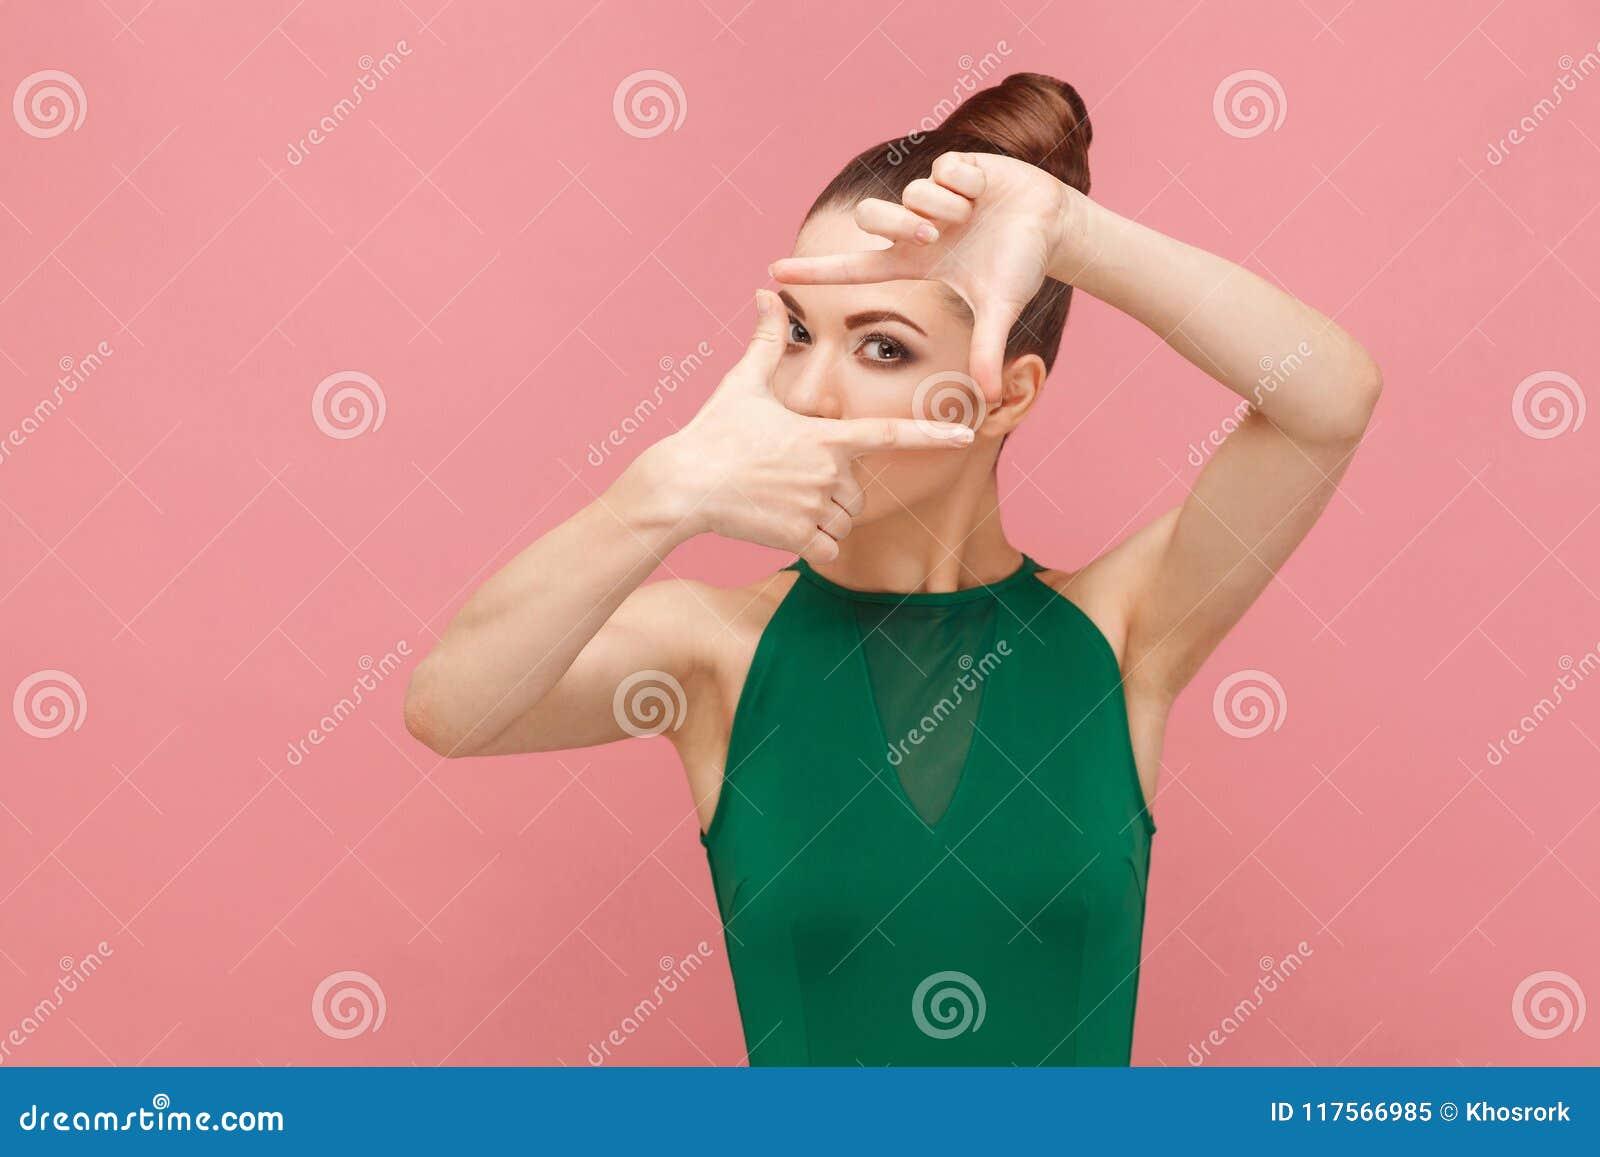 Wyobraźnia fotografa spojrzenie Rama rękami